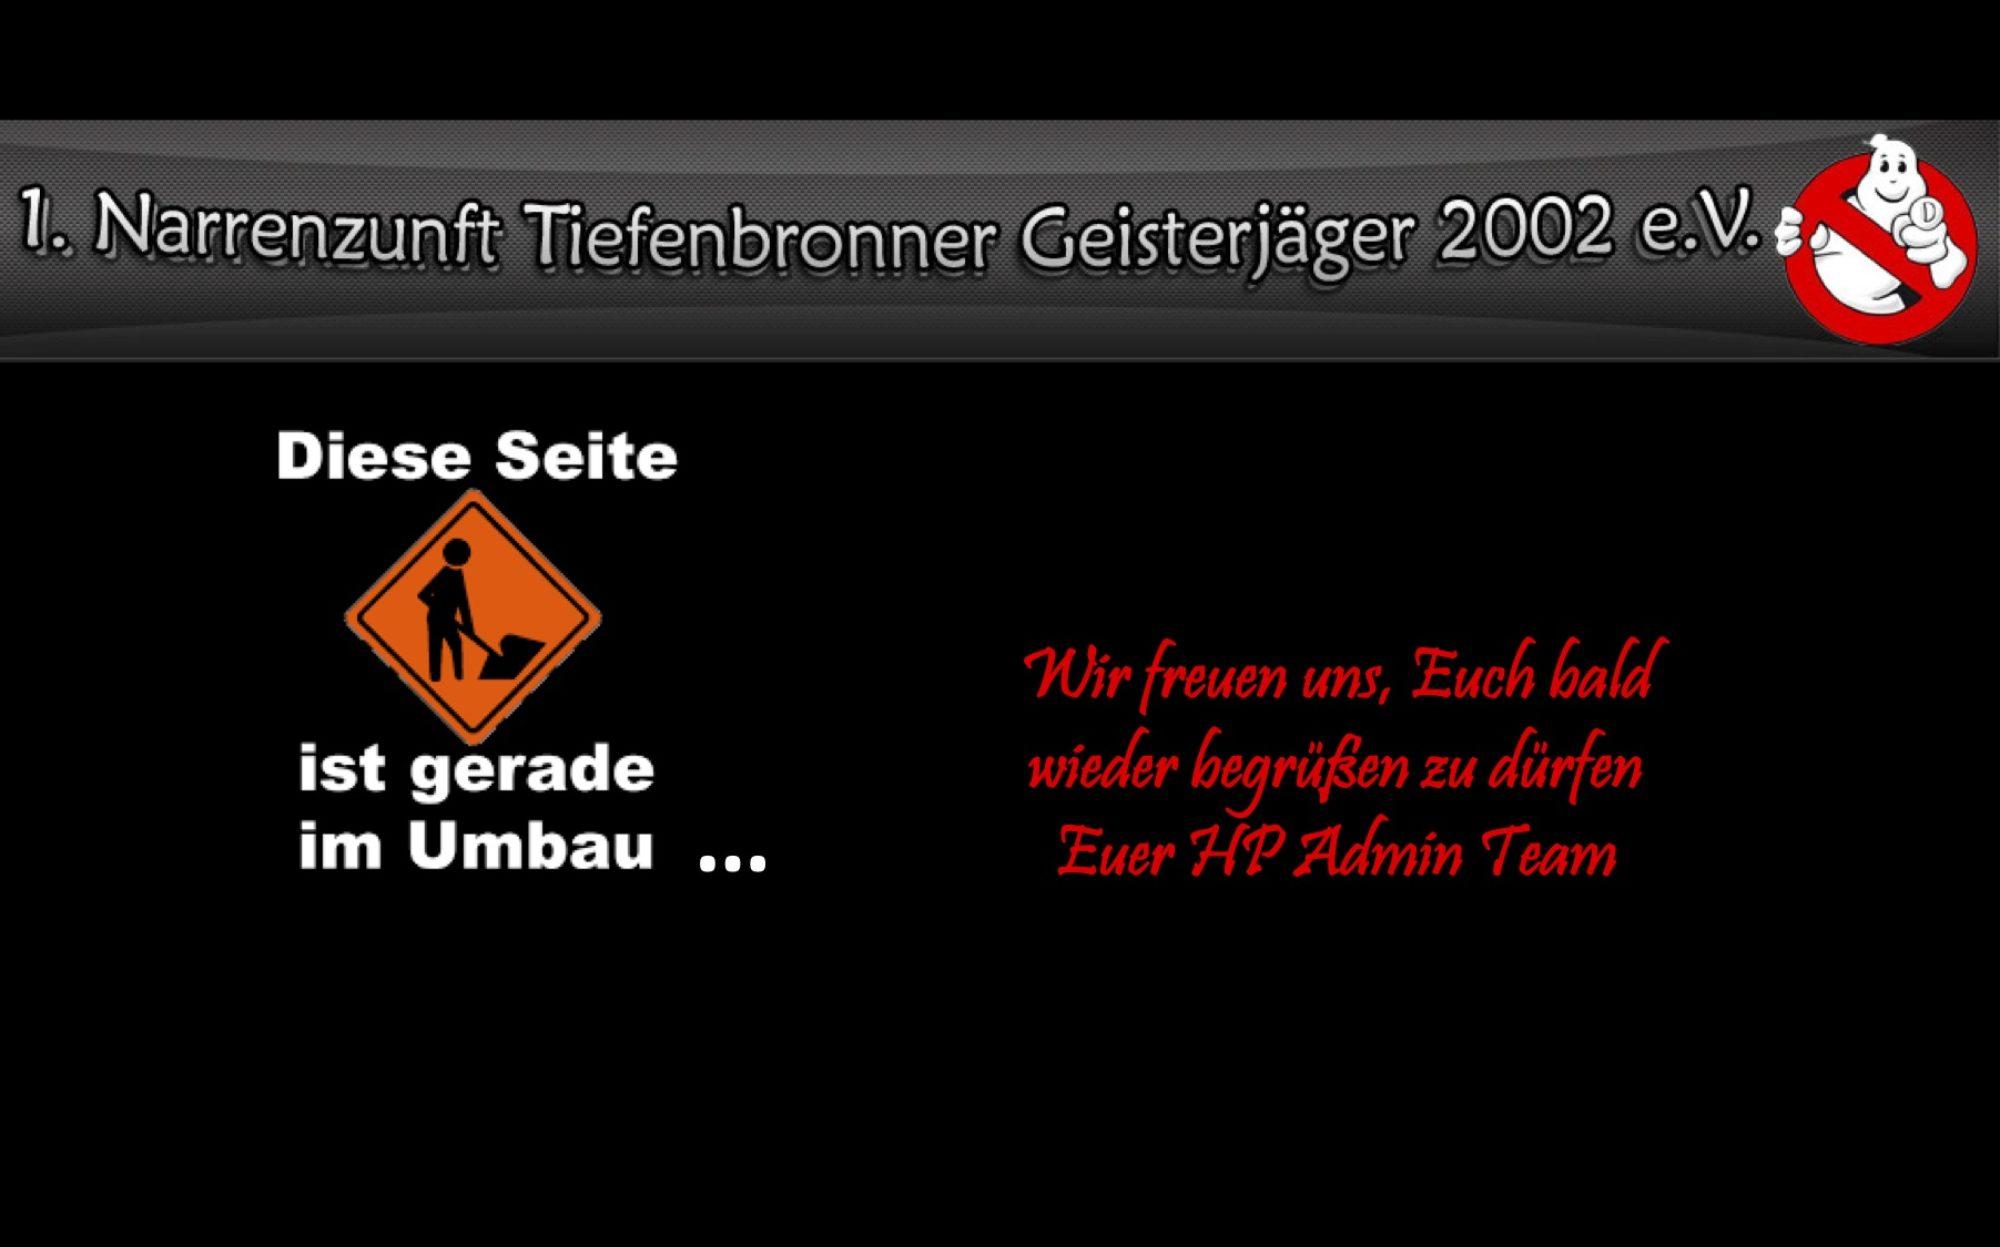 1. Narrenzunft Tiefenbronner Geisterjäger 2002 e.V.